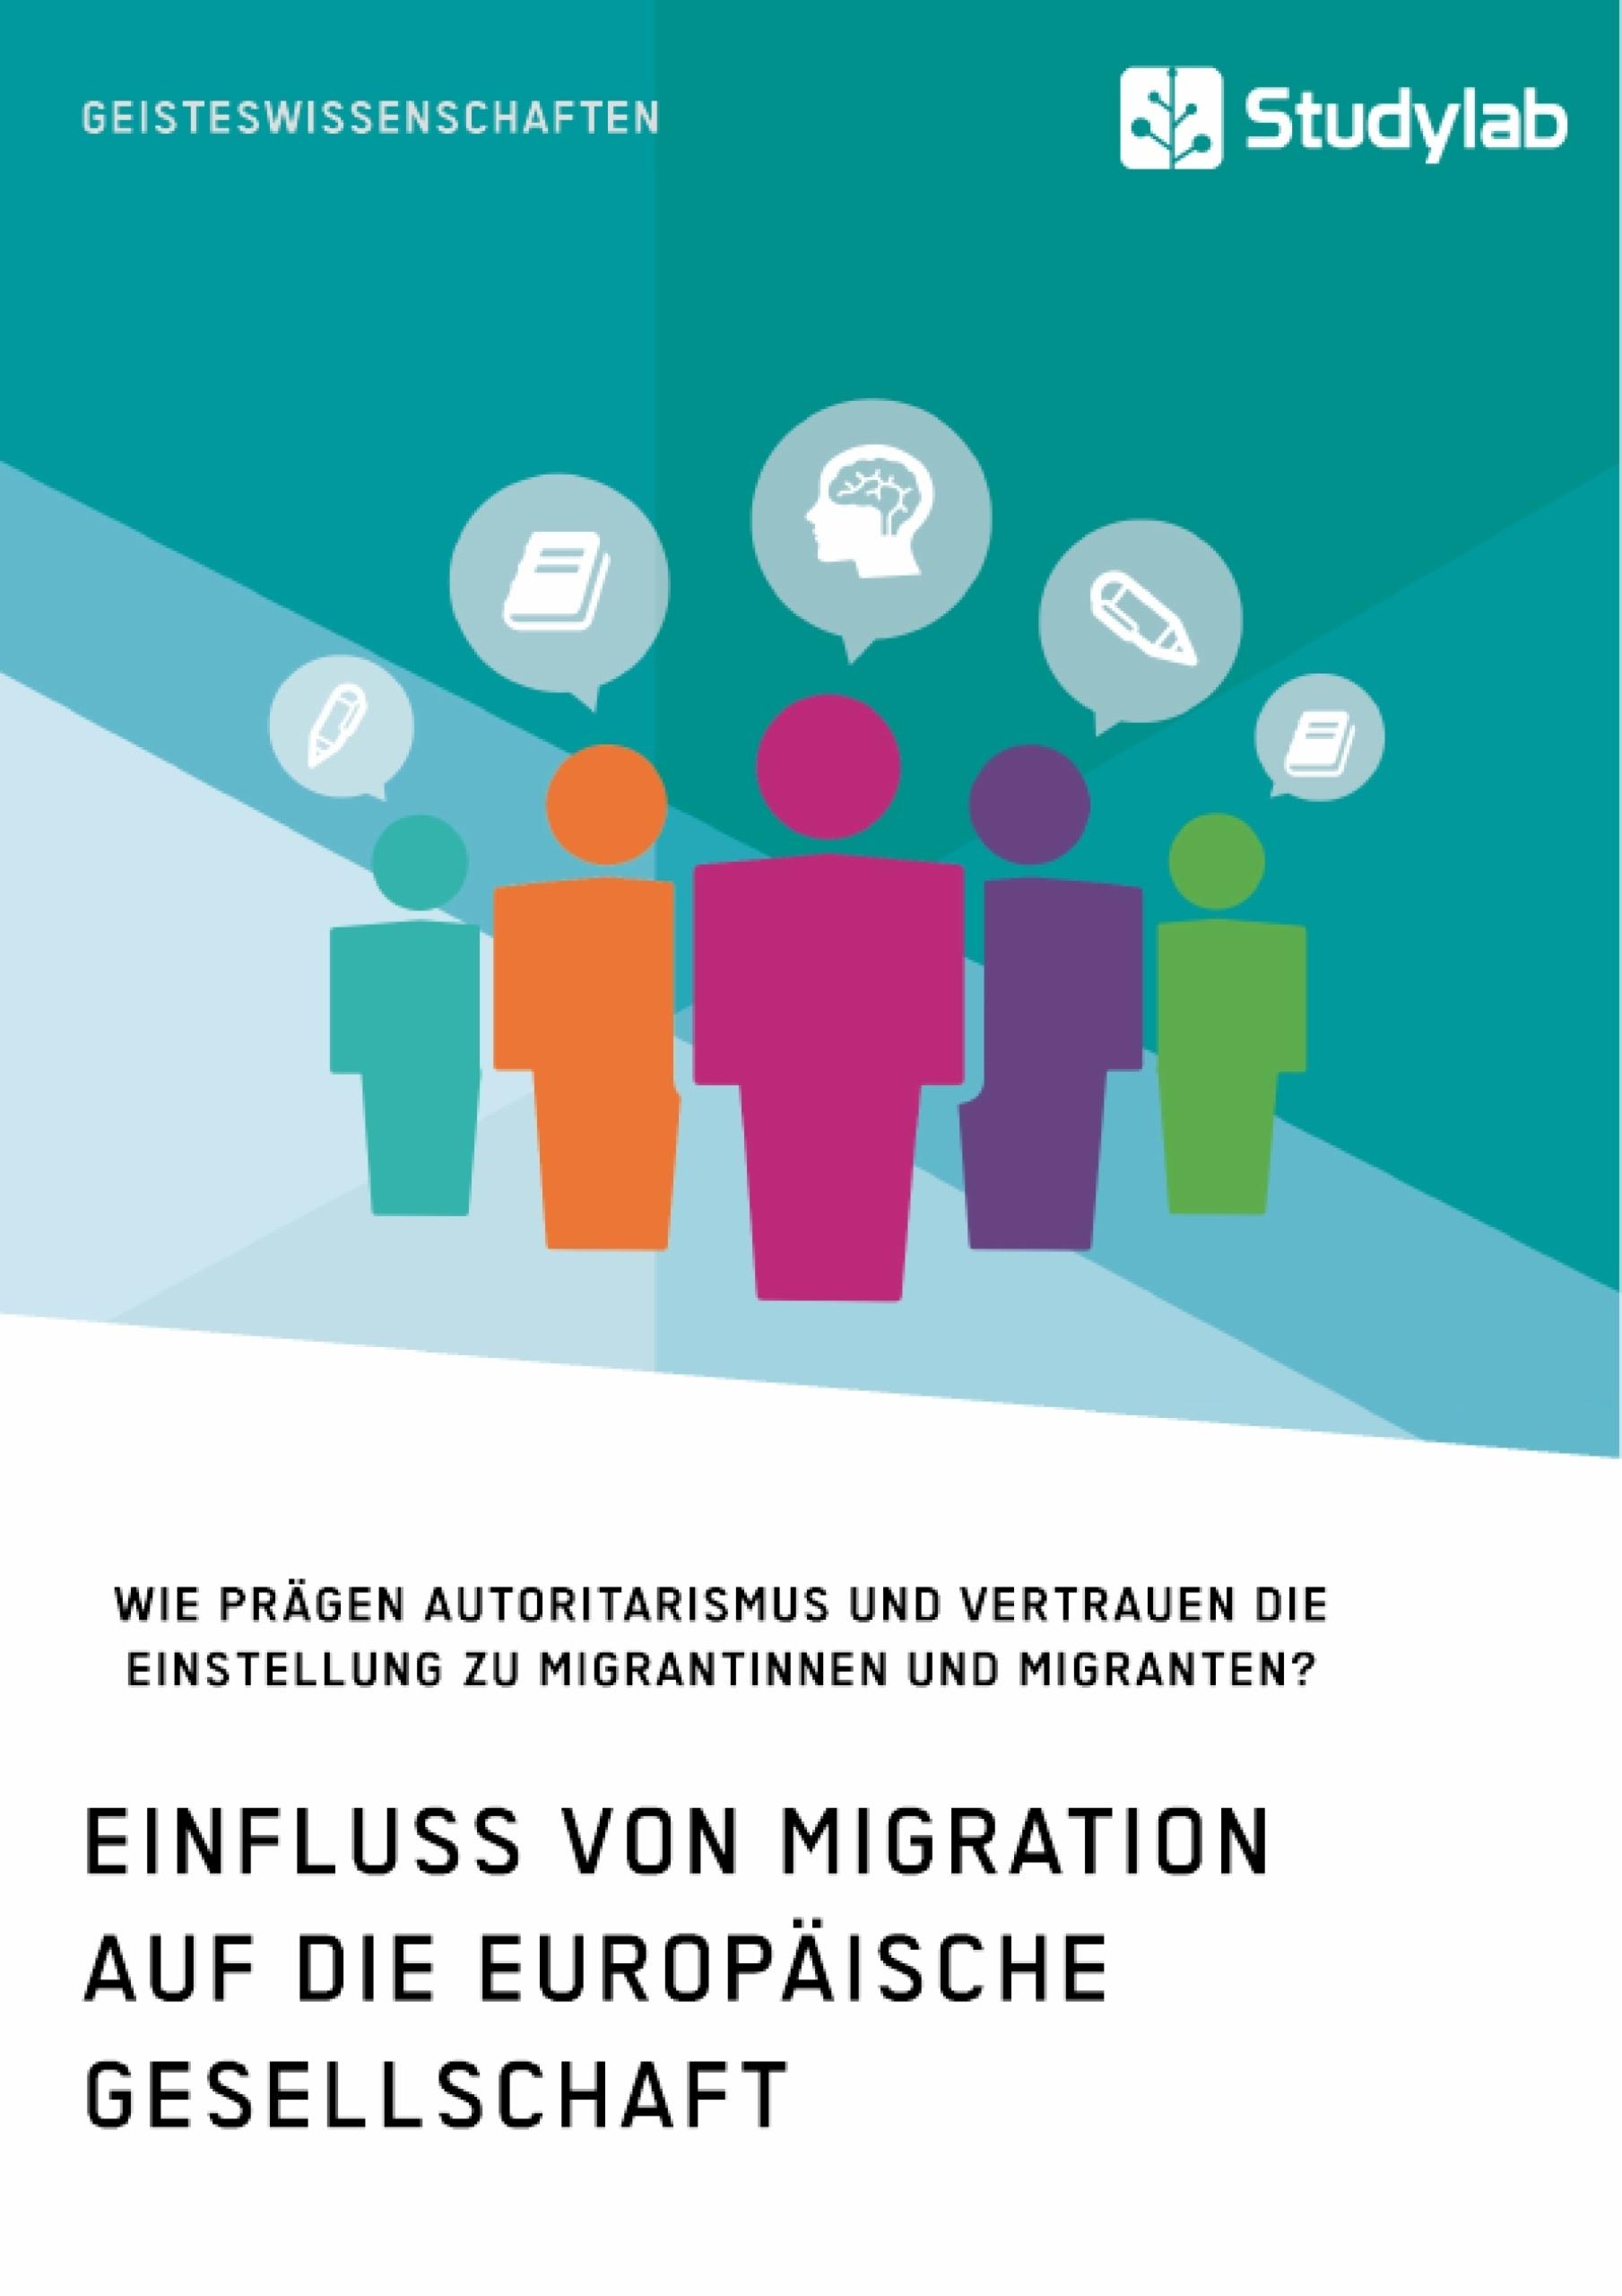 Titel: Einfluss von Migration auf die europäische Gesellschaft. Wie prägen Autoritarismus und Vertrauen die Einstellung zu Migrantinnen und Migranten?